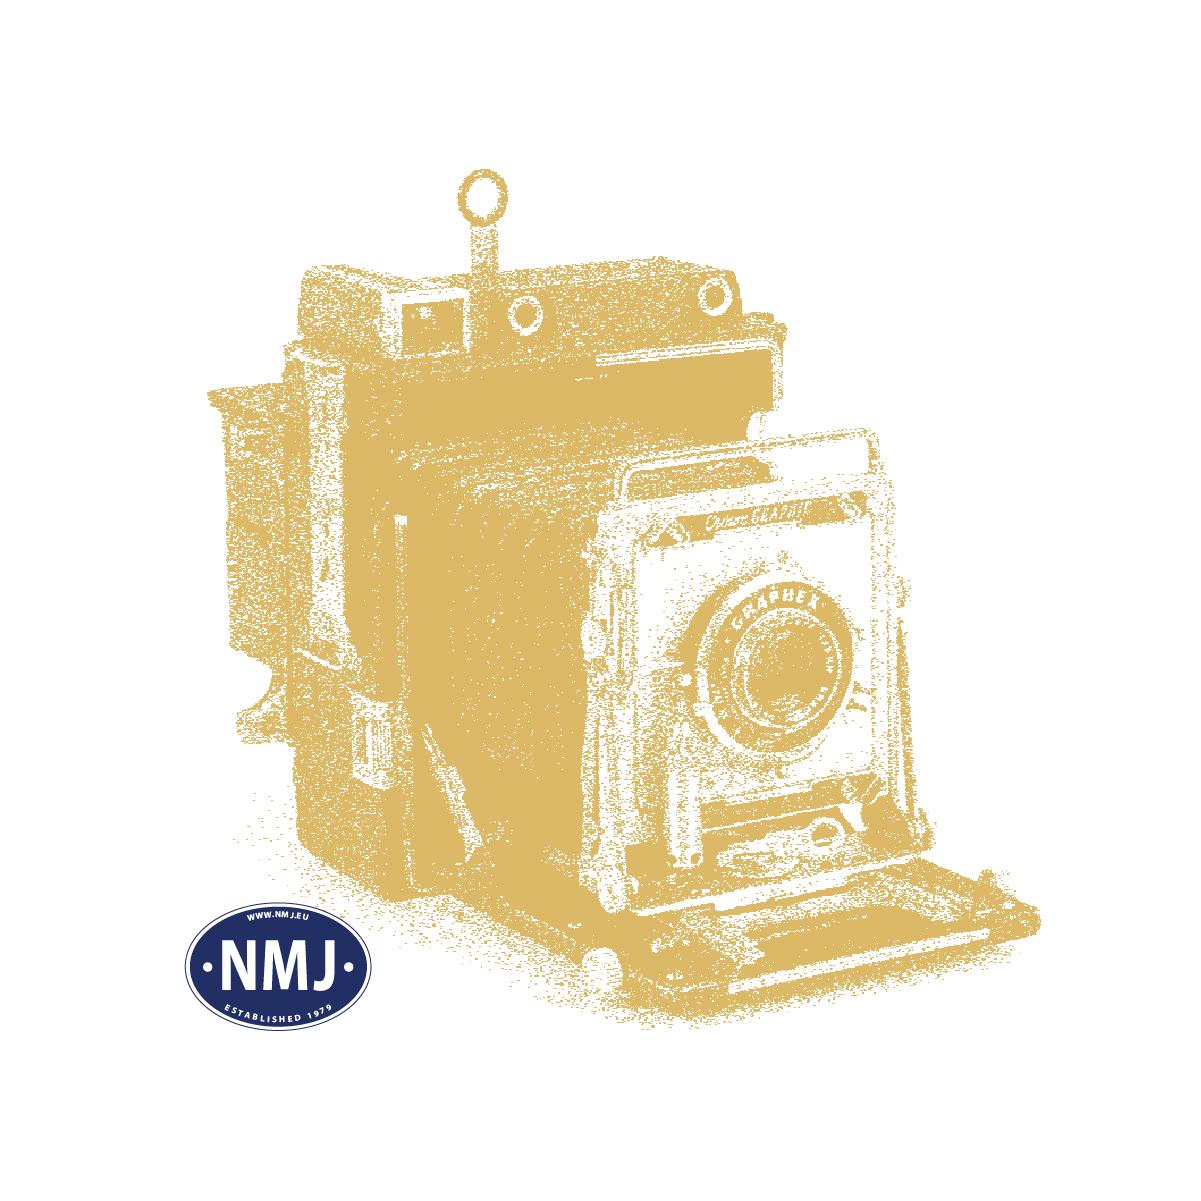 NMJT80.101 - NMJ Topline NSB EL17.2221 (V2.0), DC